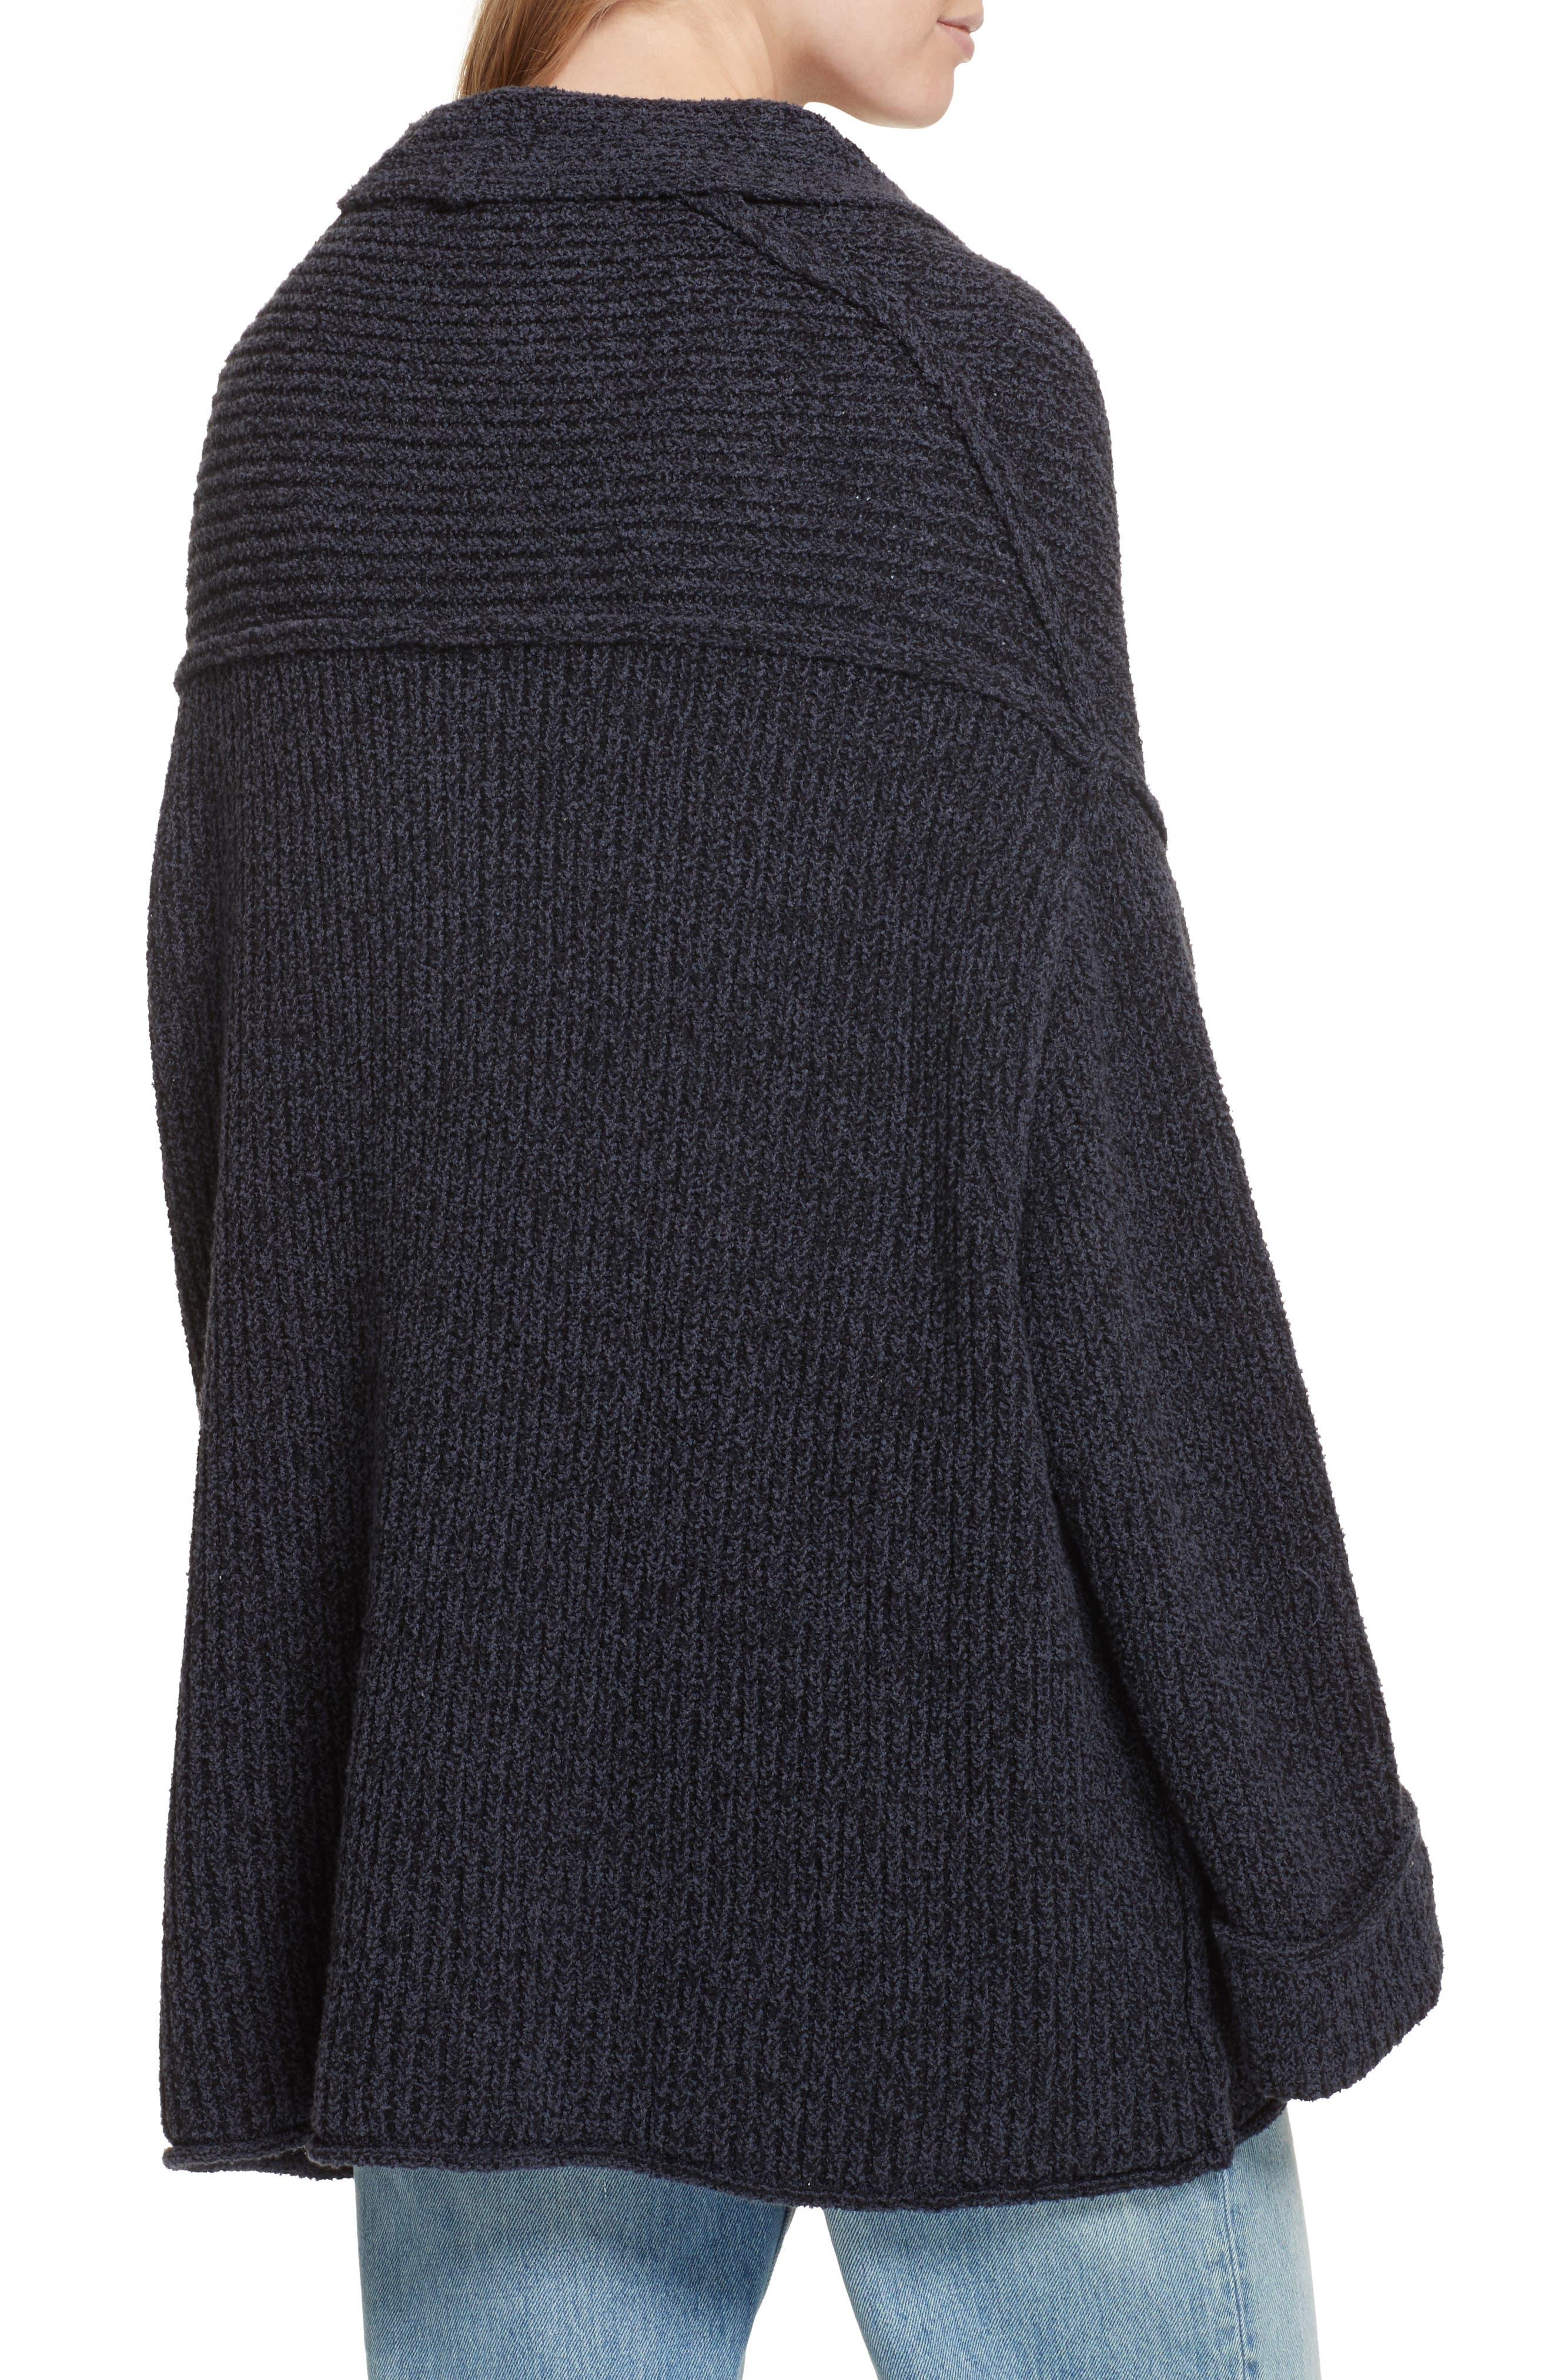 4211705eba481 Women s Free People Sweaters